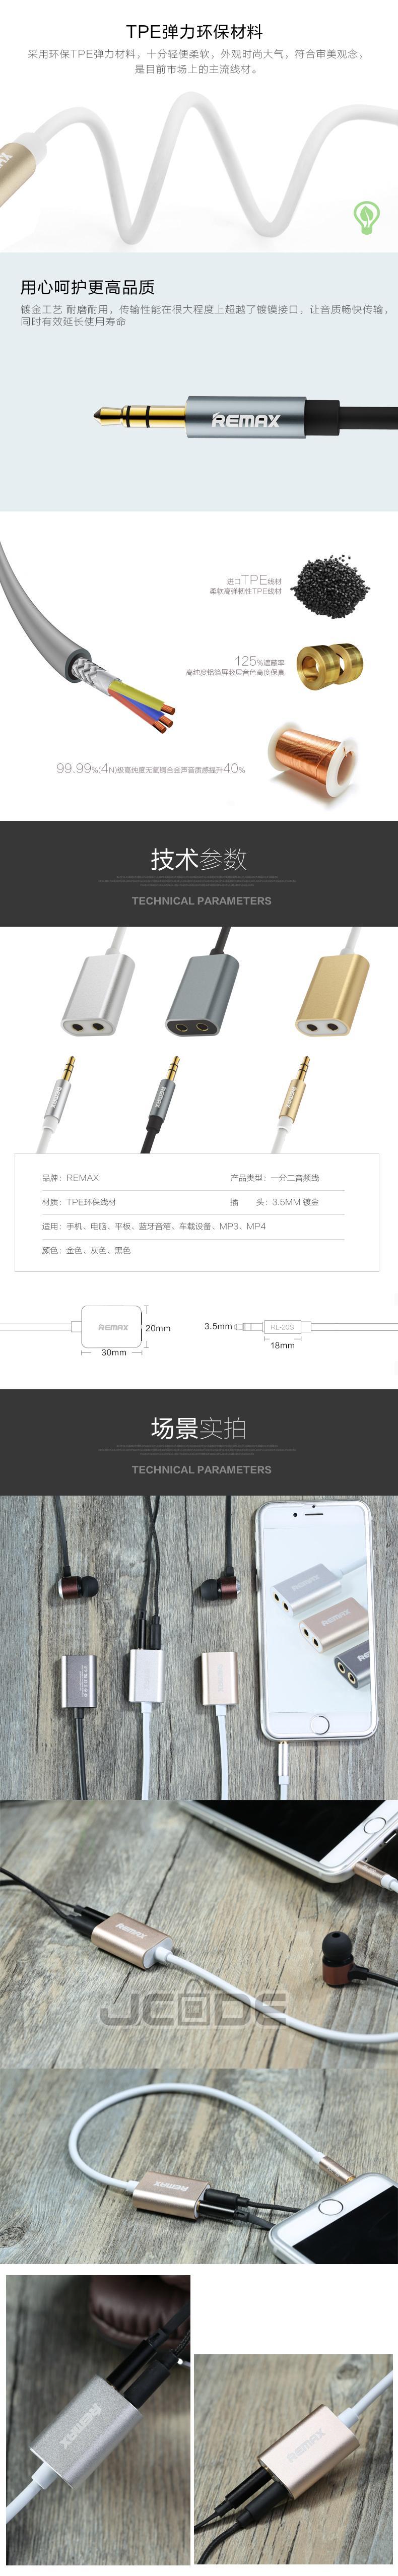 Original Remax Rl S20 35mm Dual Po End 1 20 2019 1215 Am Aux Audio Cable 20s Port Jack